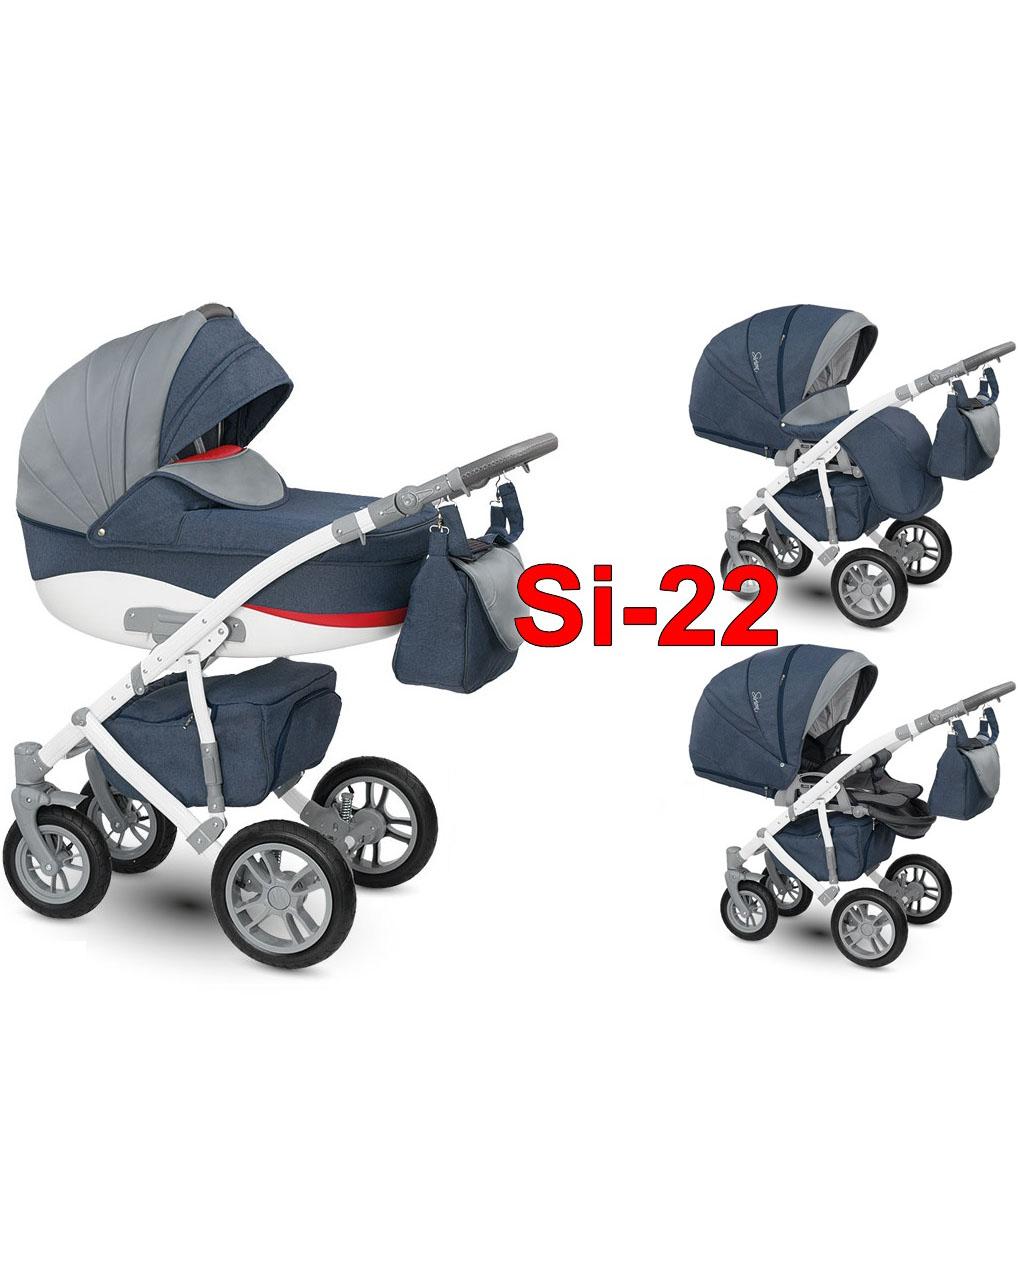 Детская коляска Camarelo Sirion 2 в 1 - Si-22Детские коляски 2 в 1<br>Детская коляска Camarelo Sirion 2 в 1 - Si-22<br>